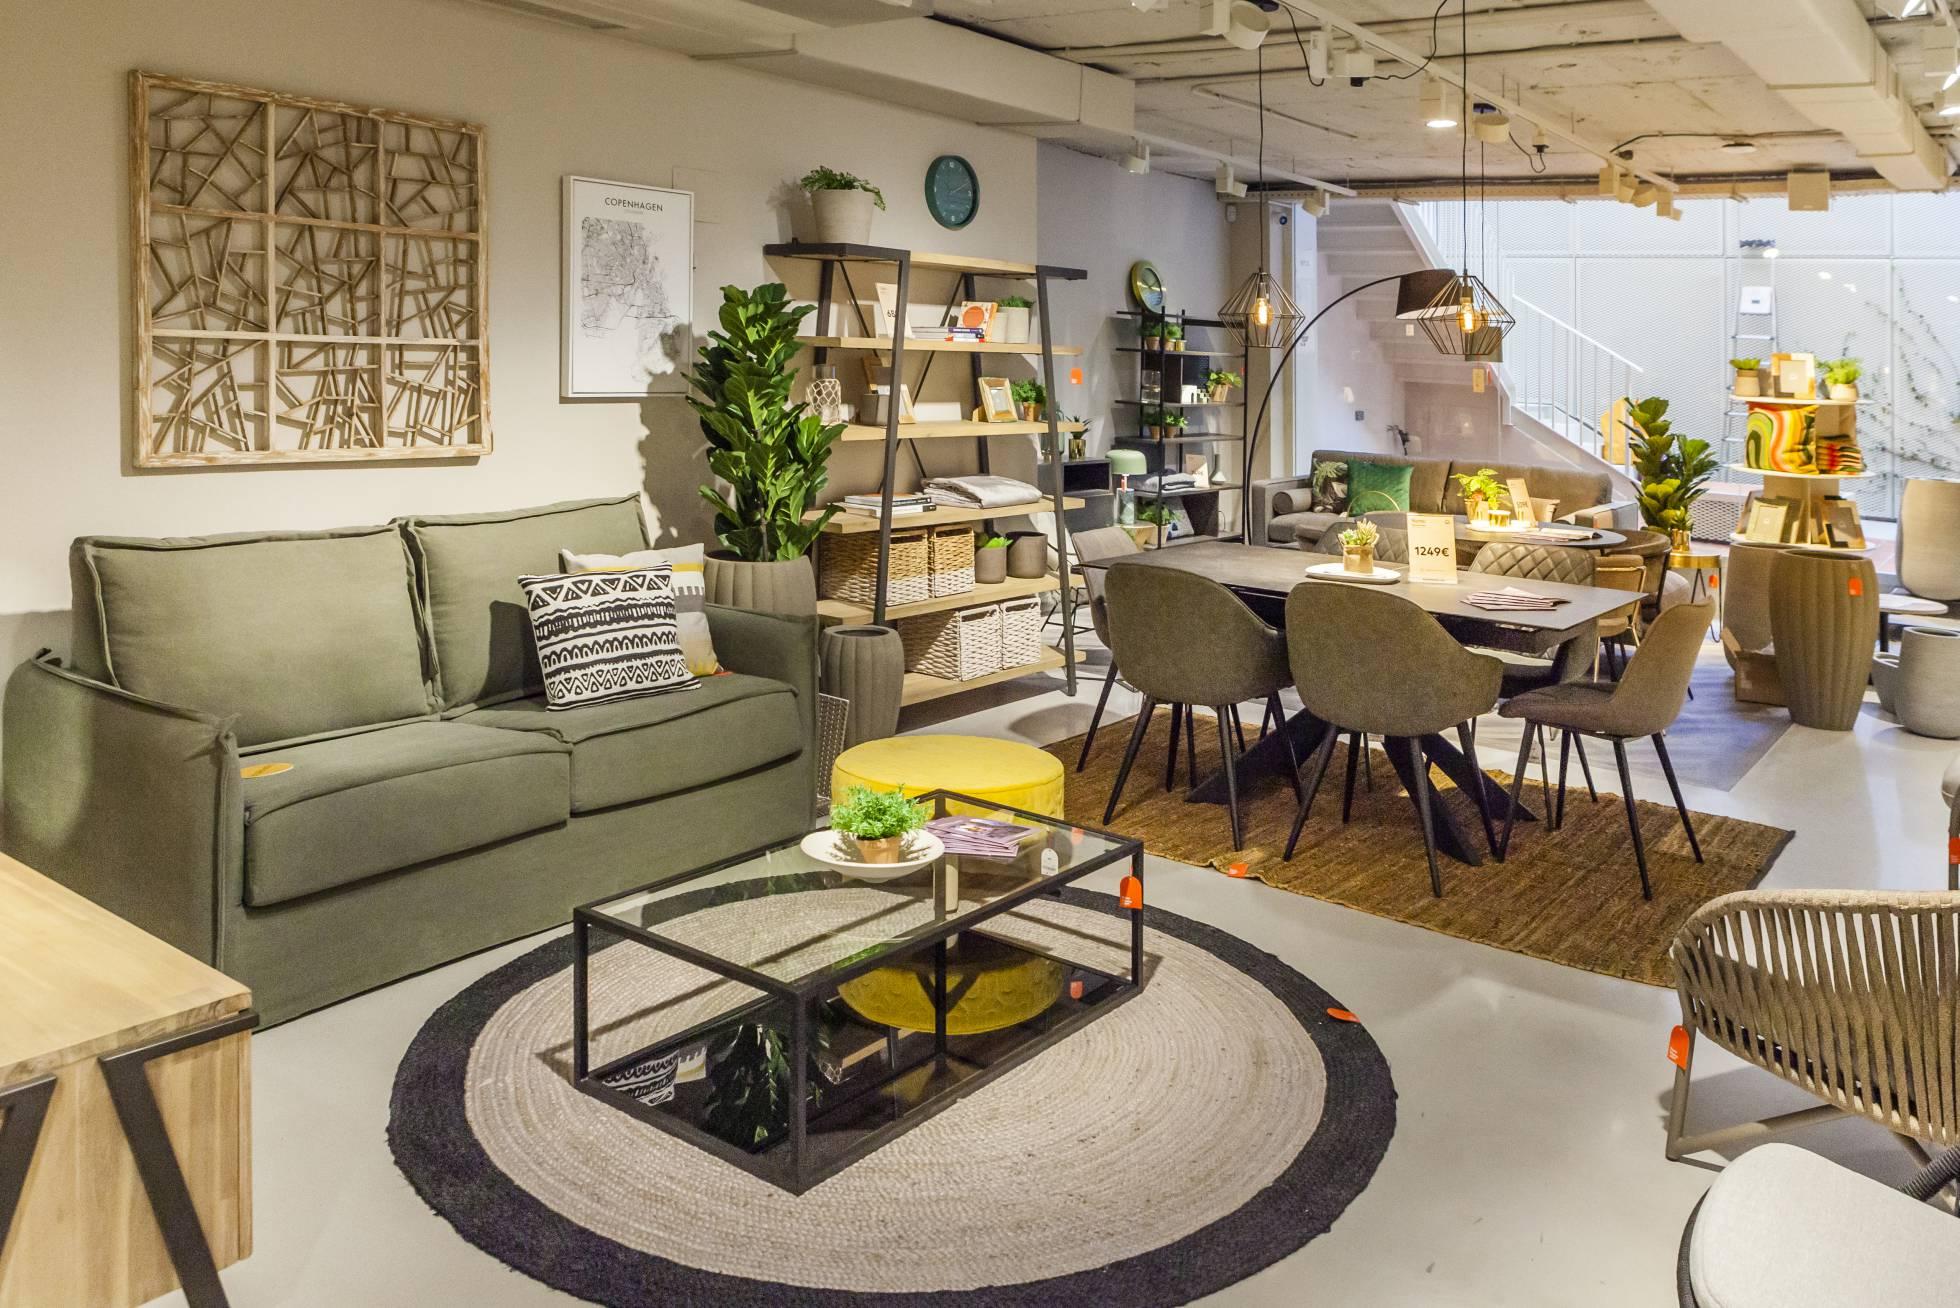 Испанский мебельный магазин, где можно выпить кофе и создать собственный дизайн-проект